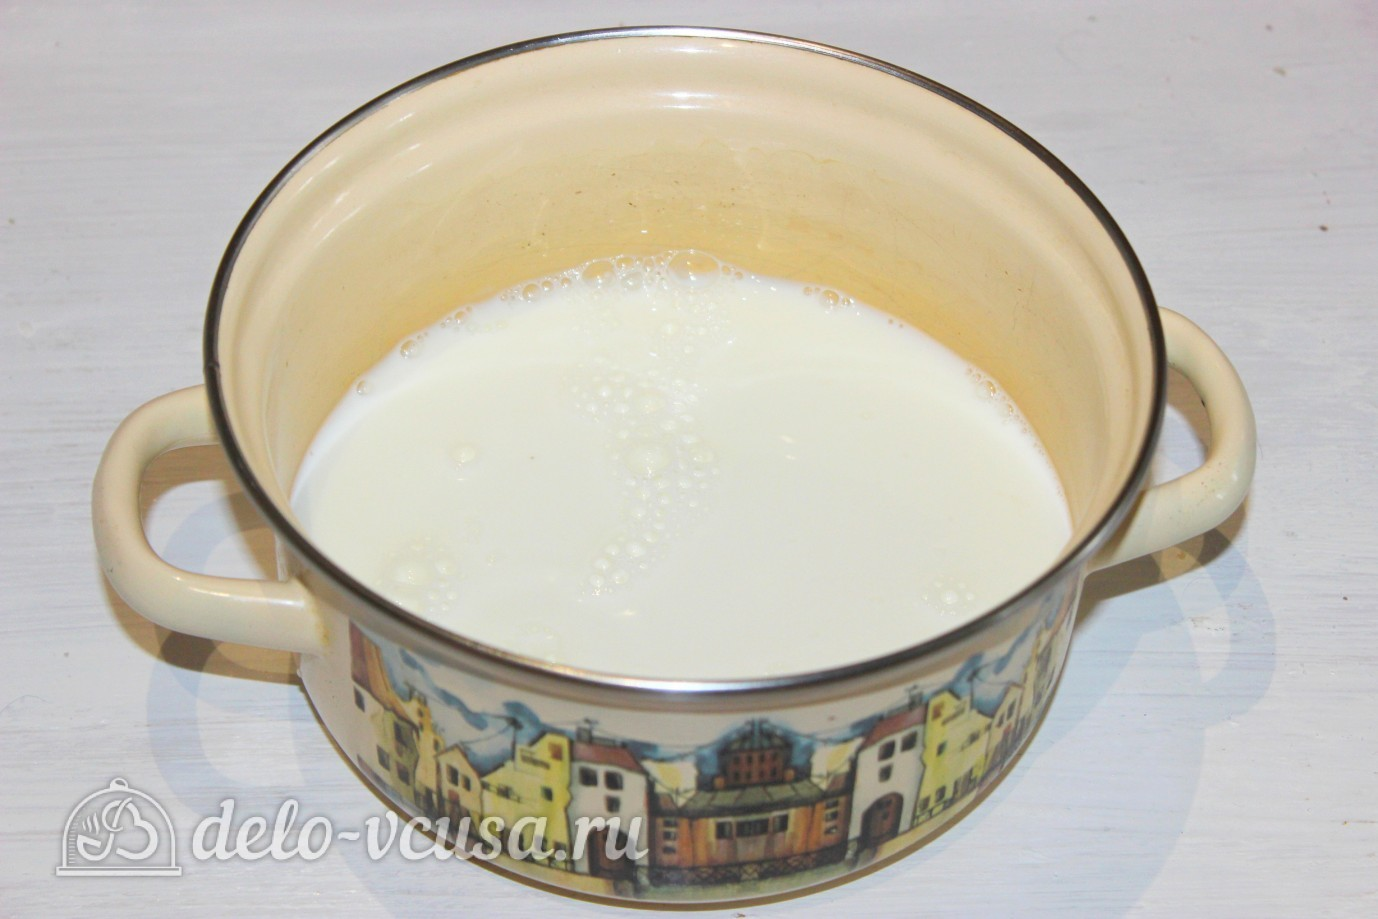 Как сварить какао из порошка на молоке с водой рецепт пошагово